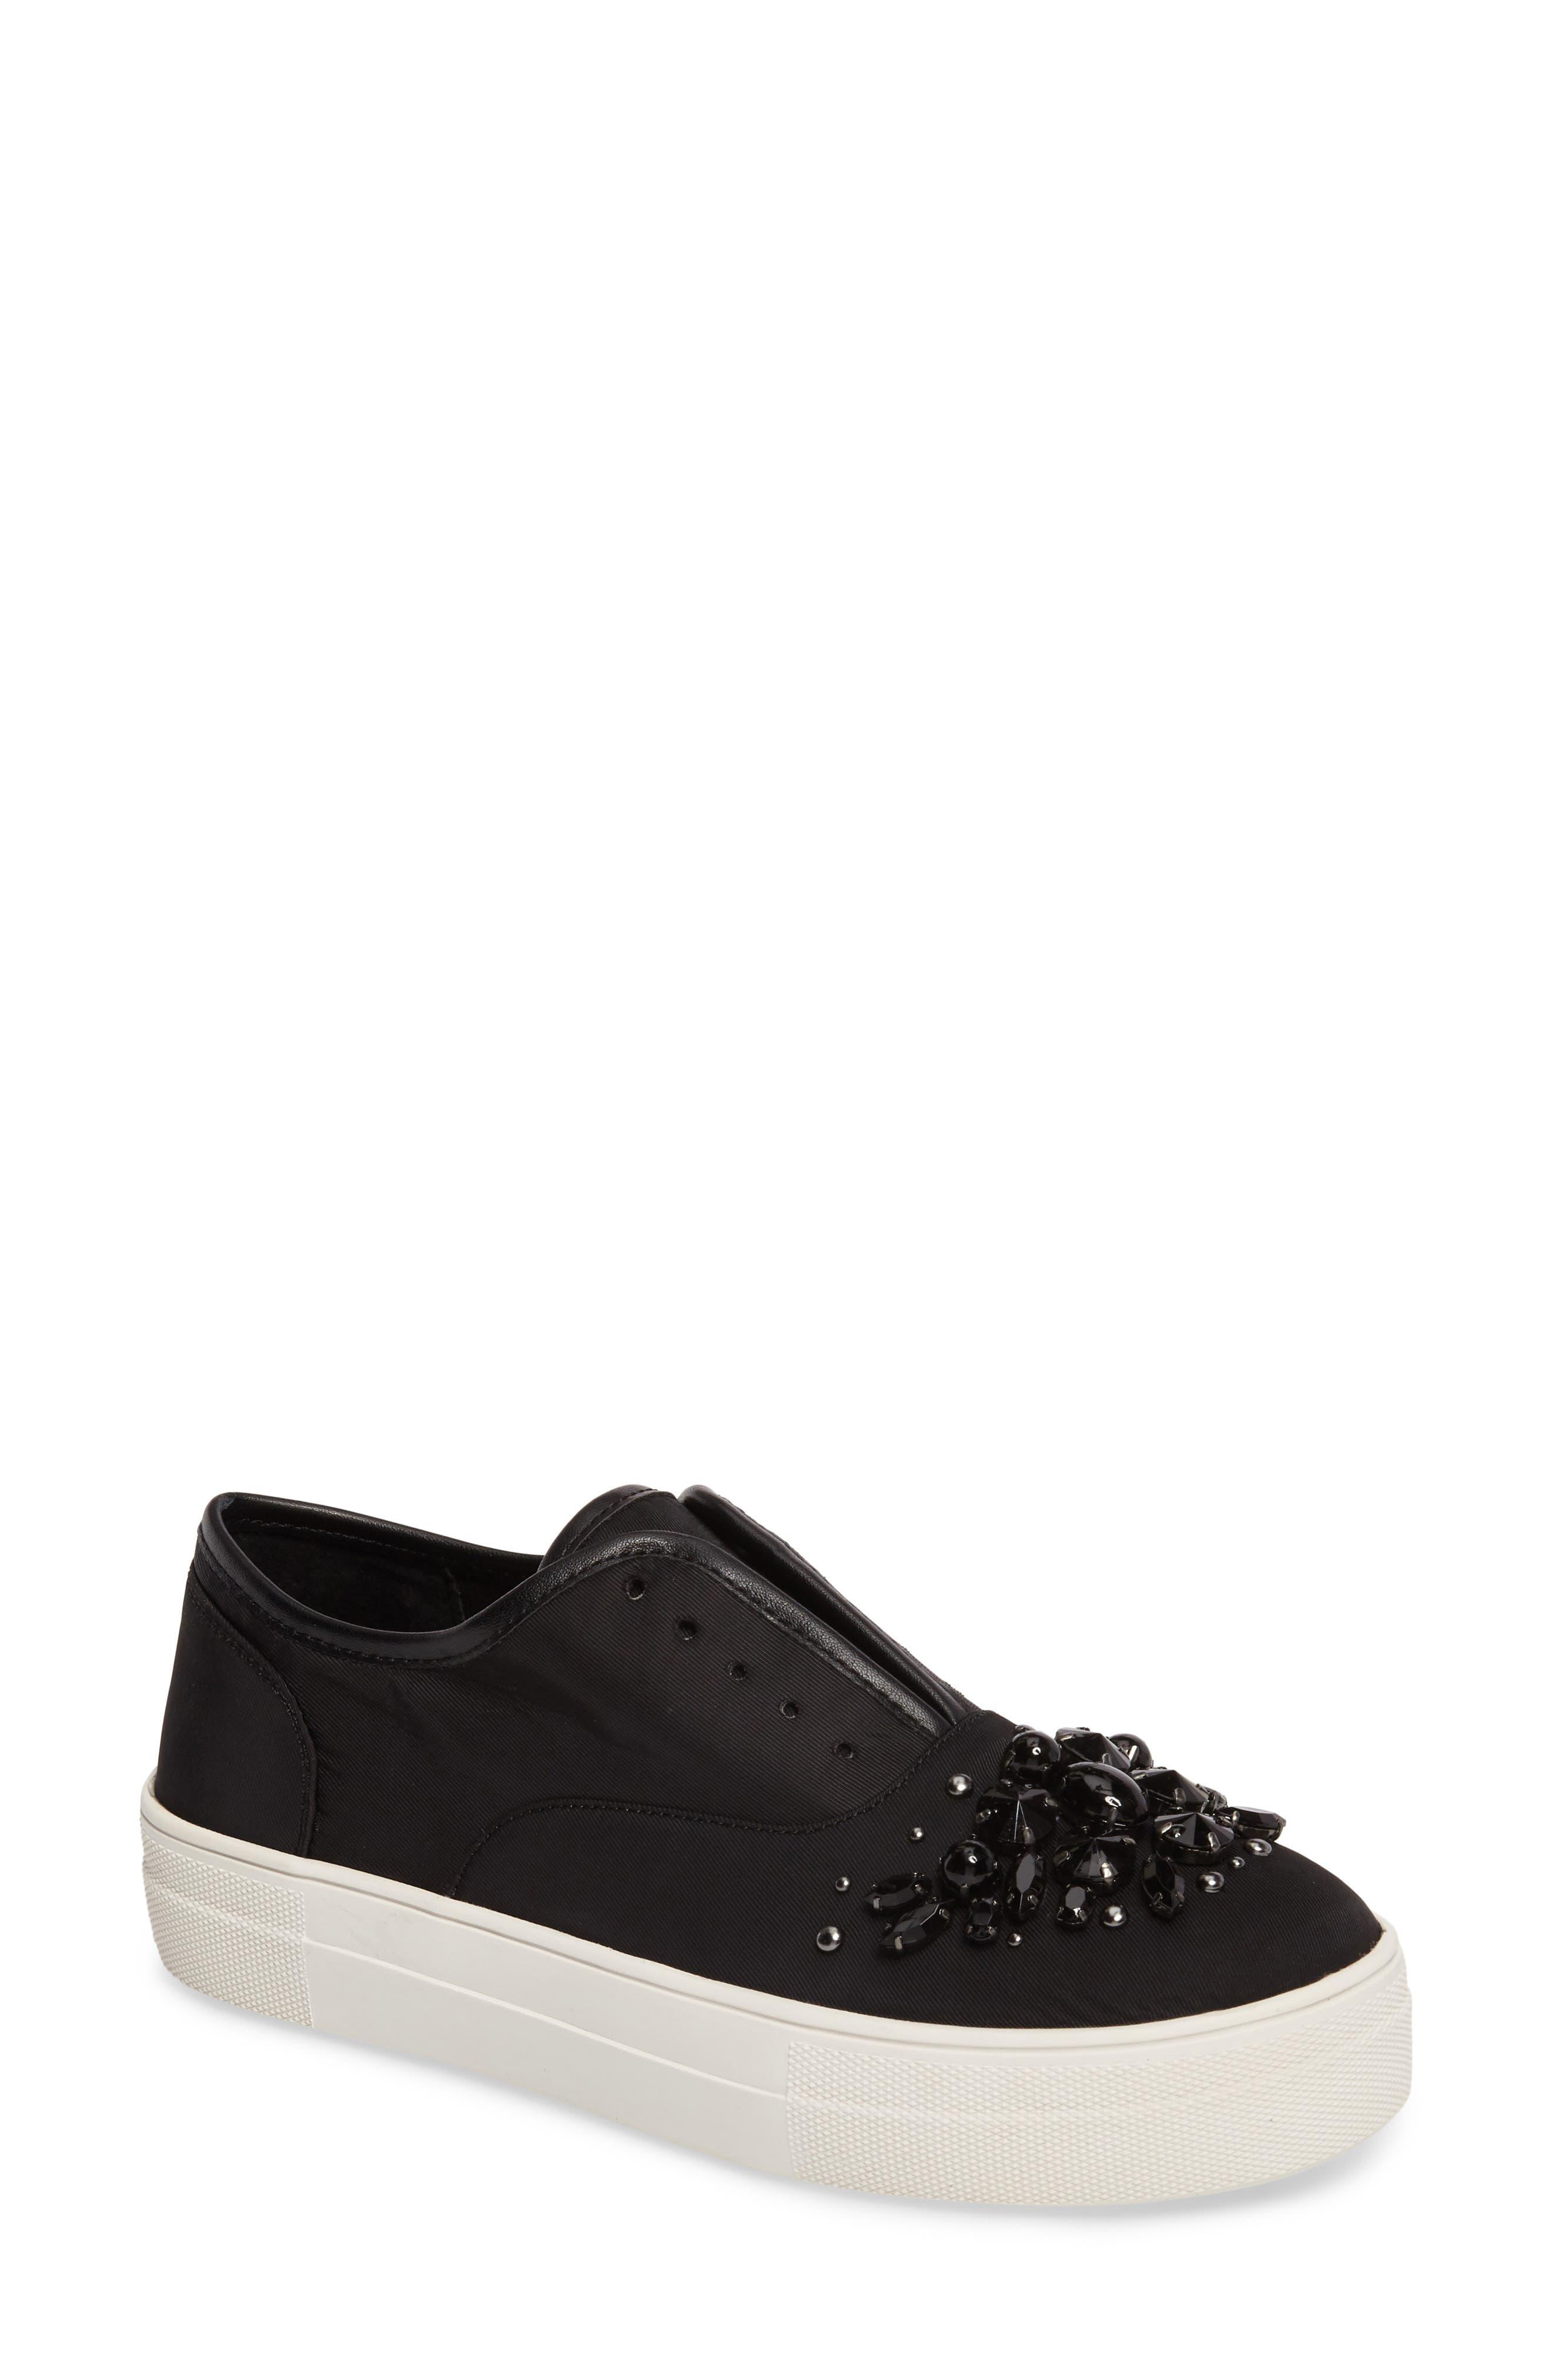 Passion Embellished Slip-On Platform Sneaker,                             Main thumbnail 1, color,                             Black